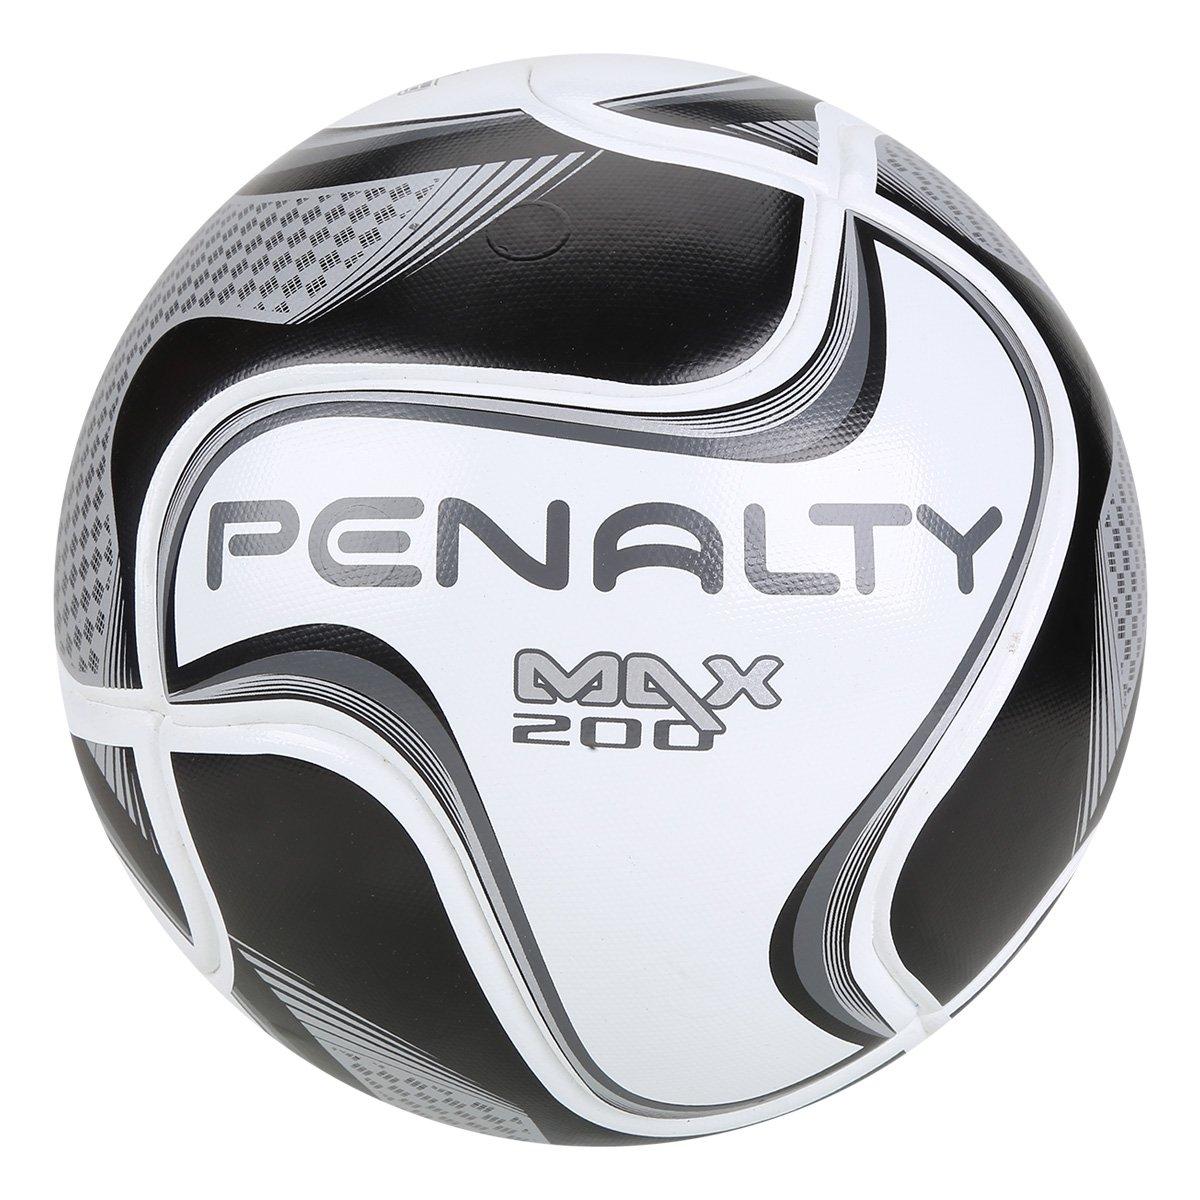 Bola de Futsal Penalty Max 200 All Black - Edição Limitada - Branco ... 7098133d10d63